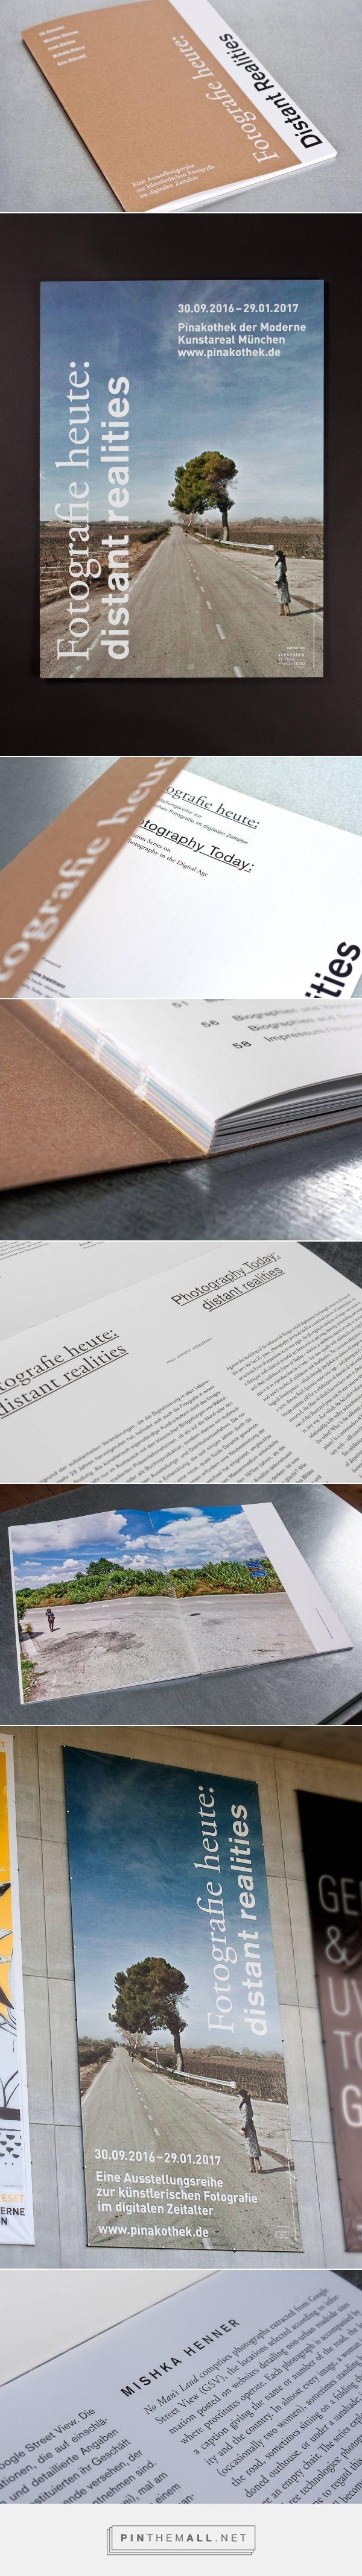 Schmid/Widmaier – Pinakothek der Moderne – Fotografie heute